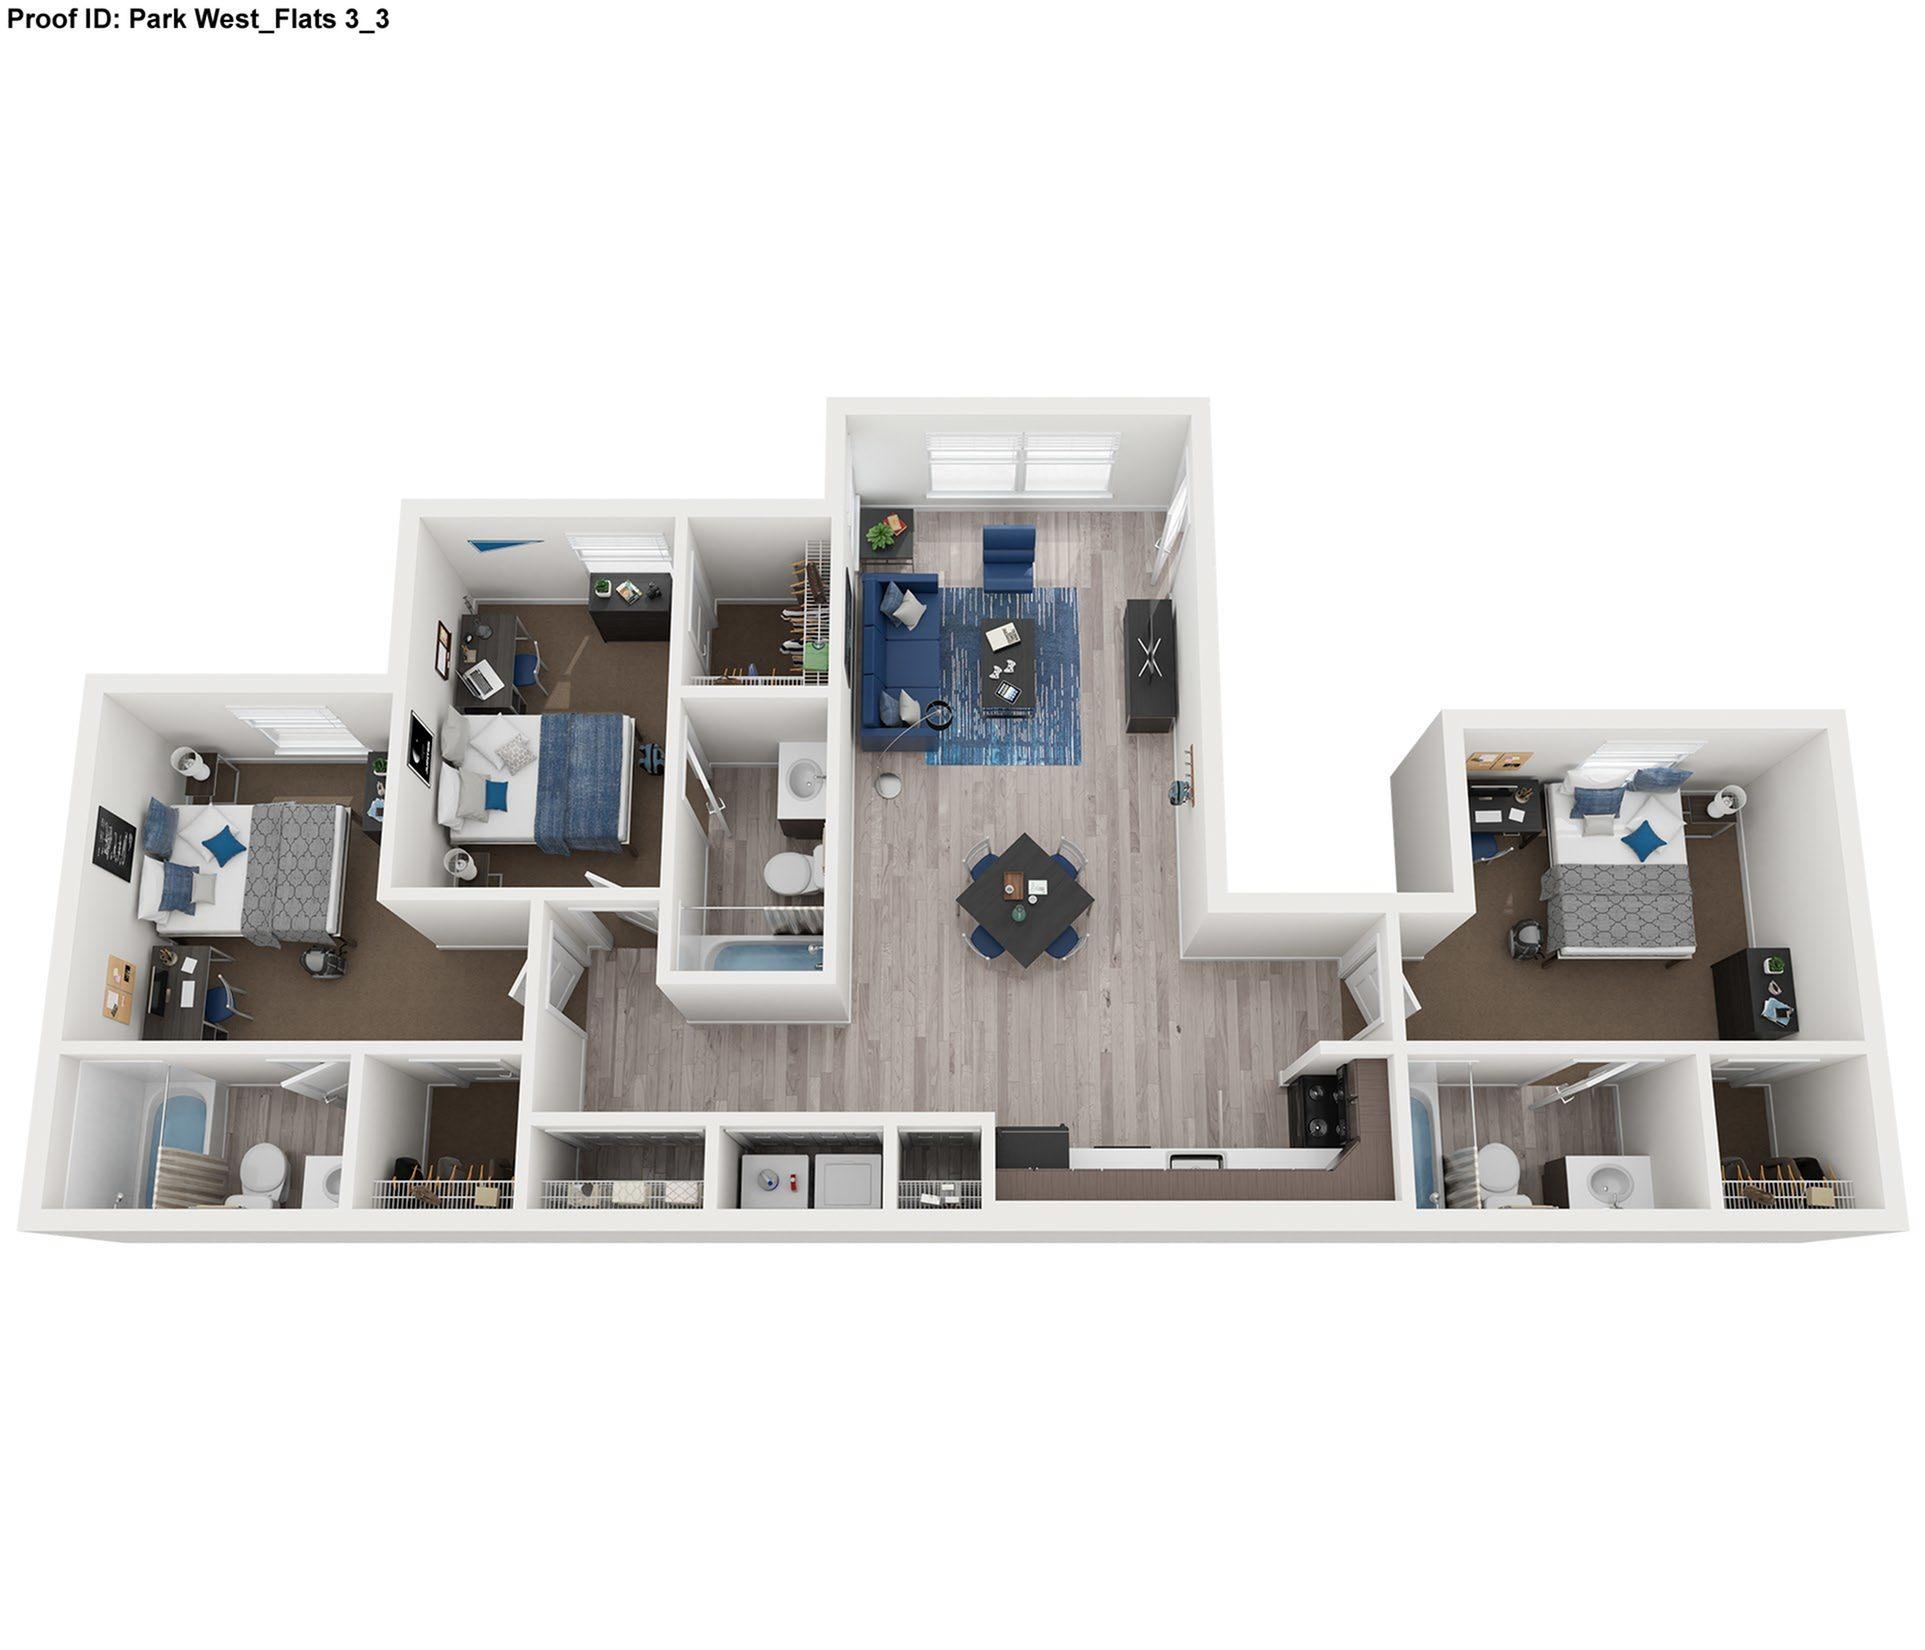 3 bed 3 bath floor plan